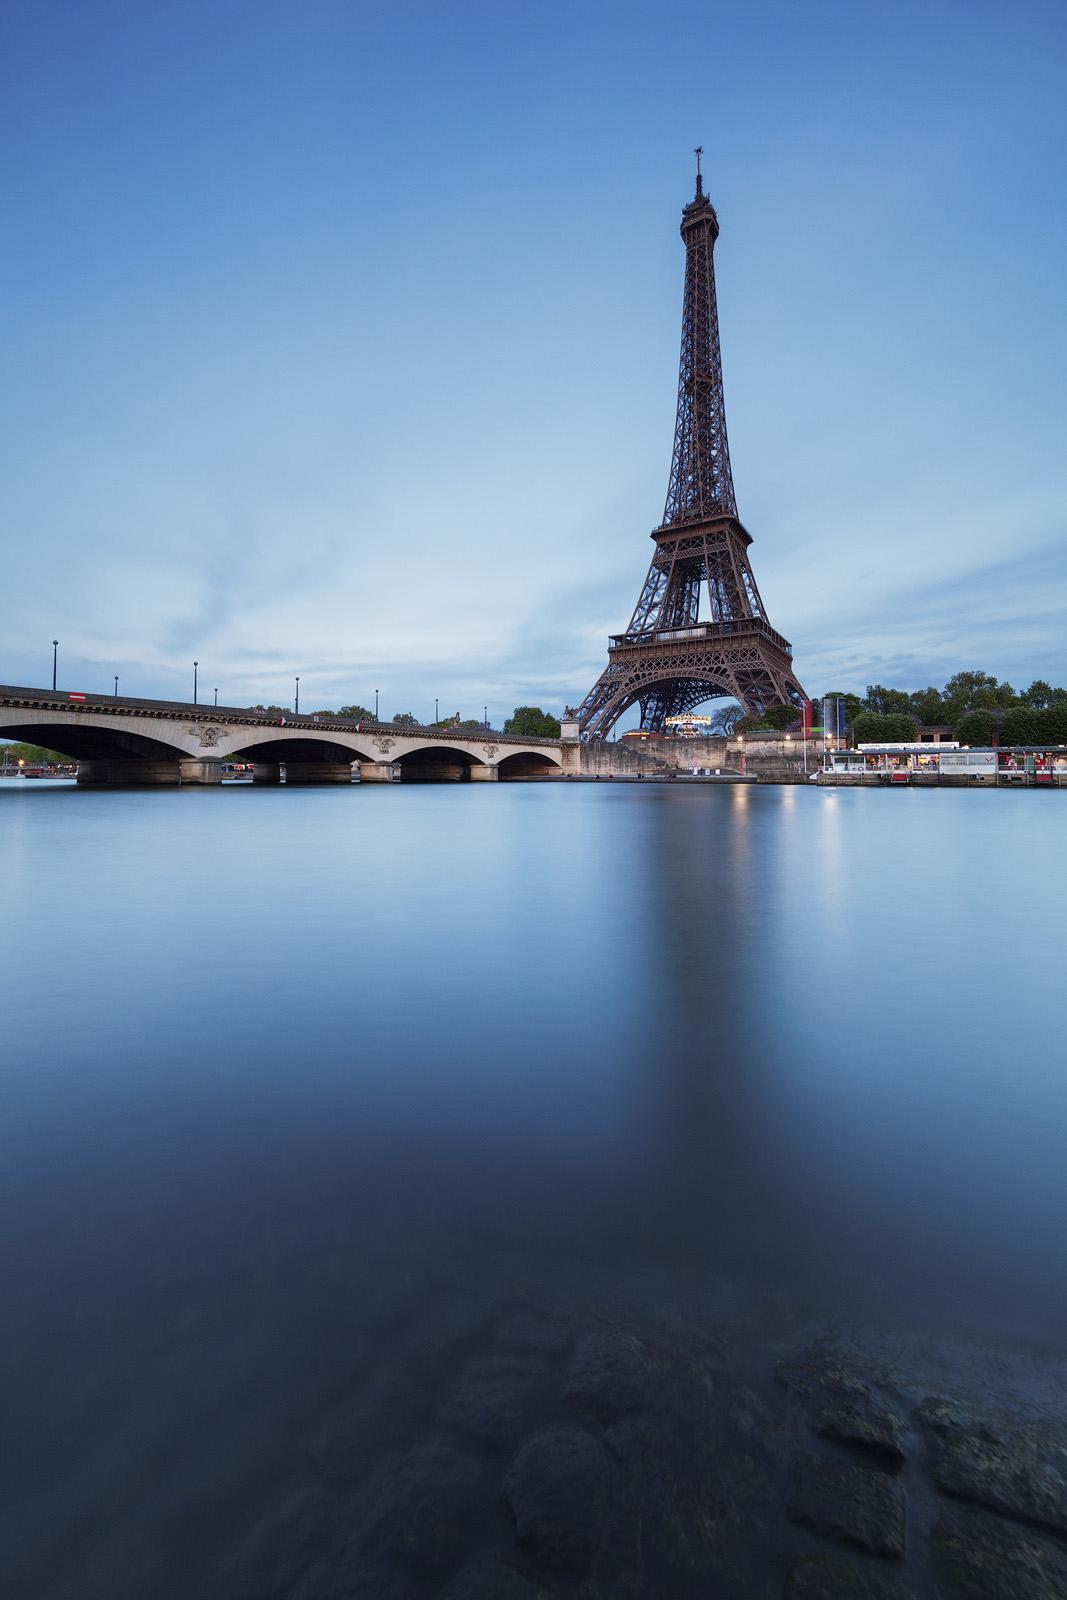 Pose longue face à la Tour Eiffel en fin de journée, réalisée avec l'objectif Laowa 12mm F/2.8 Zero-D